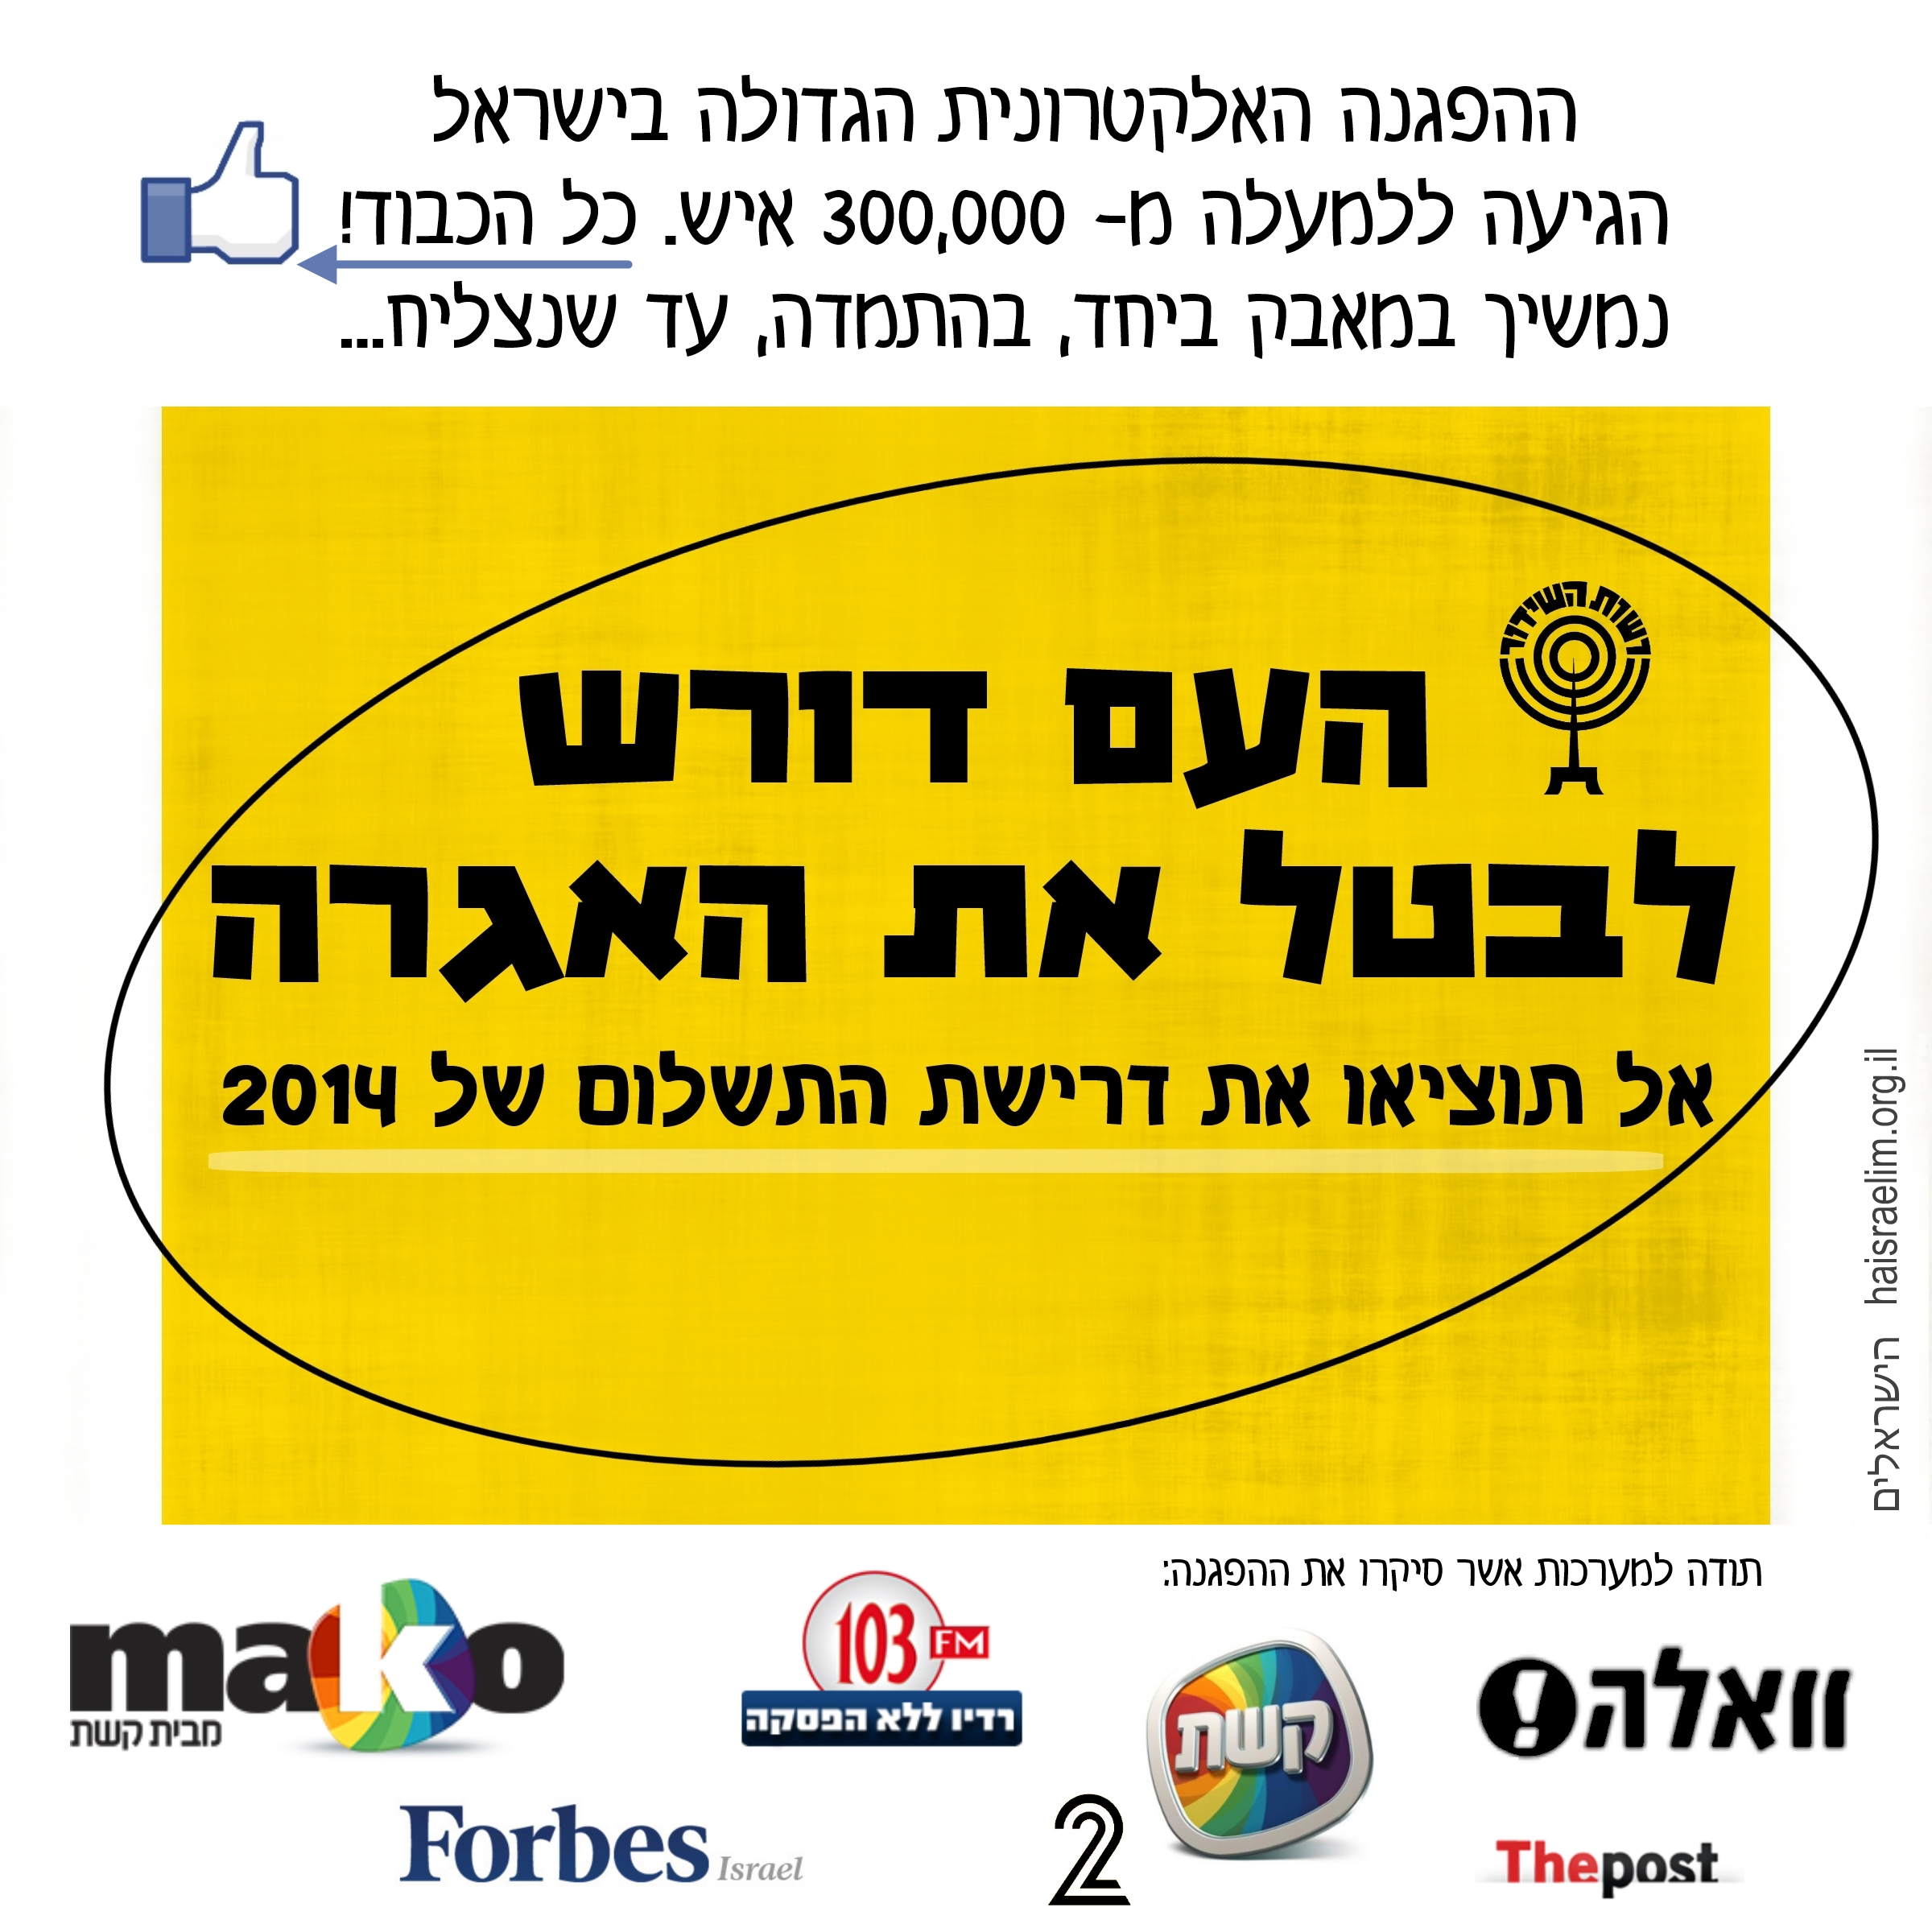 העם דורש לבטל את האגרה: סיכום ההפגנה האלקטרונית